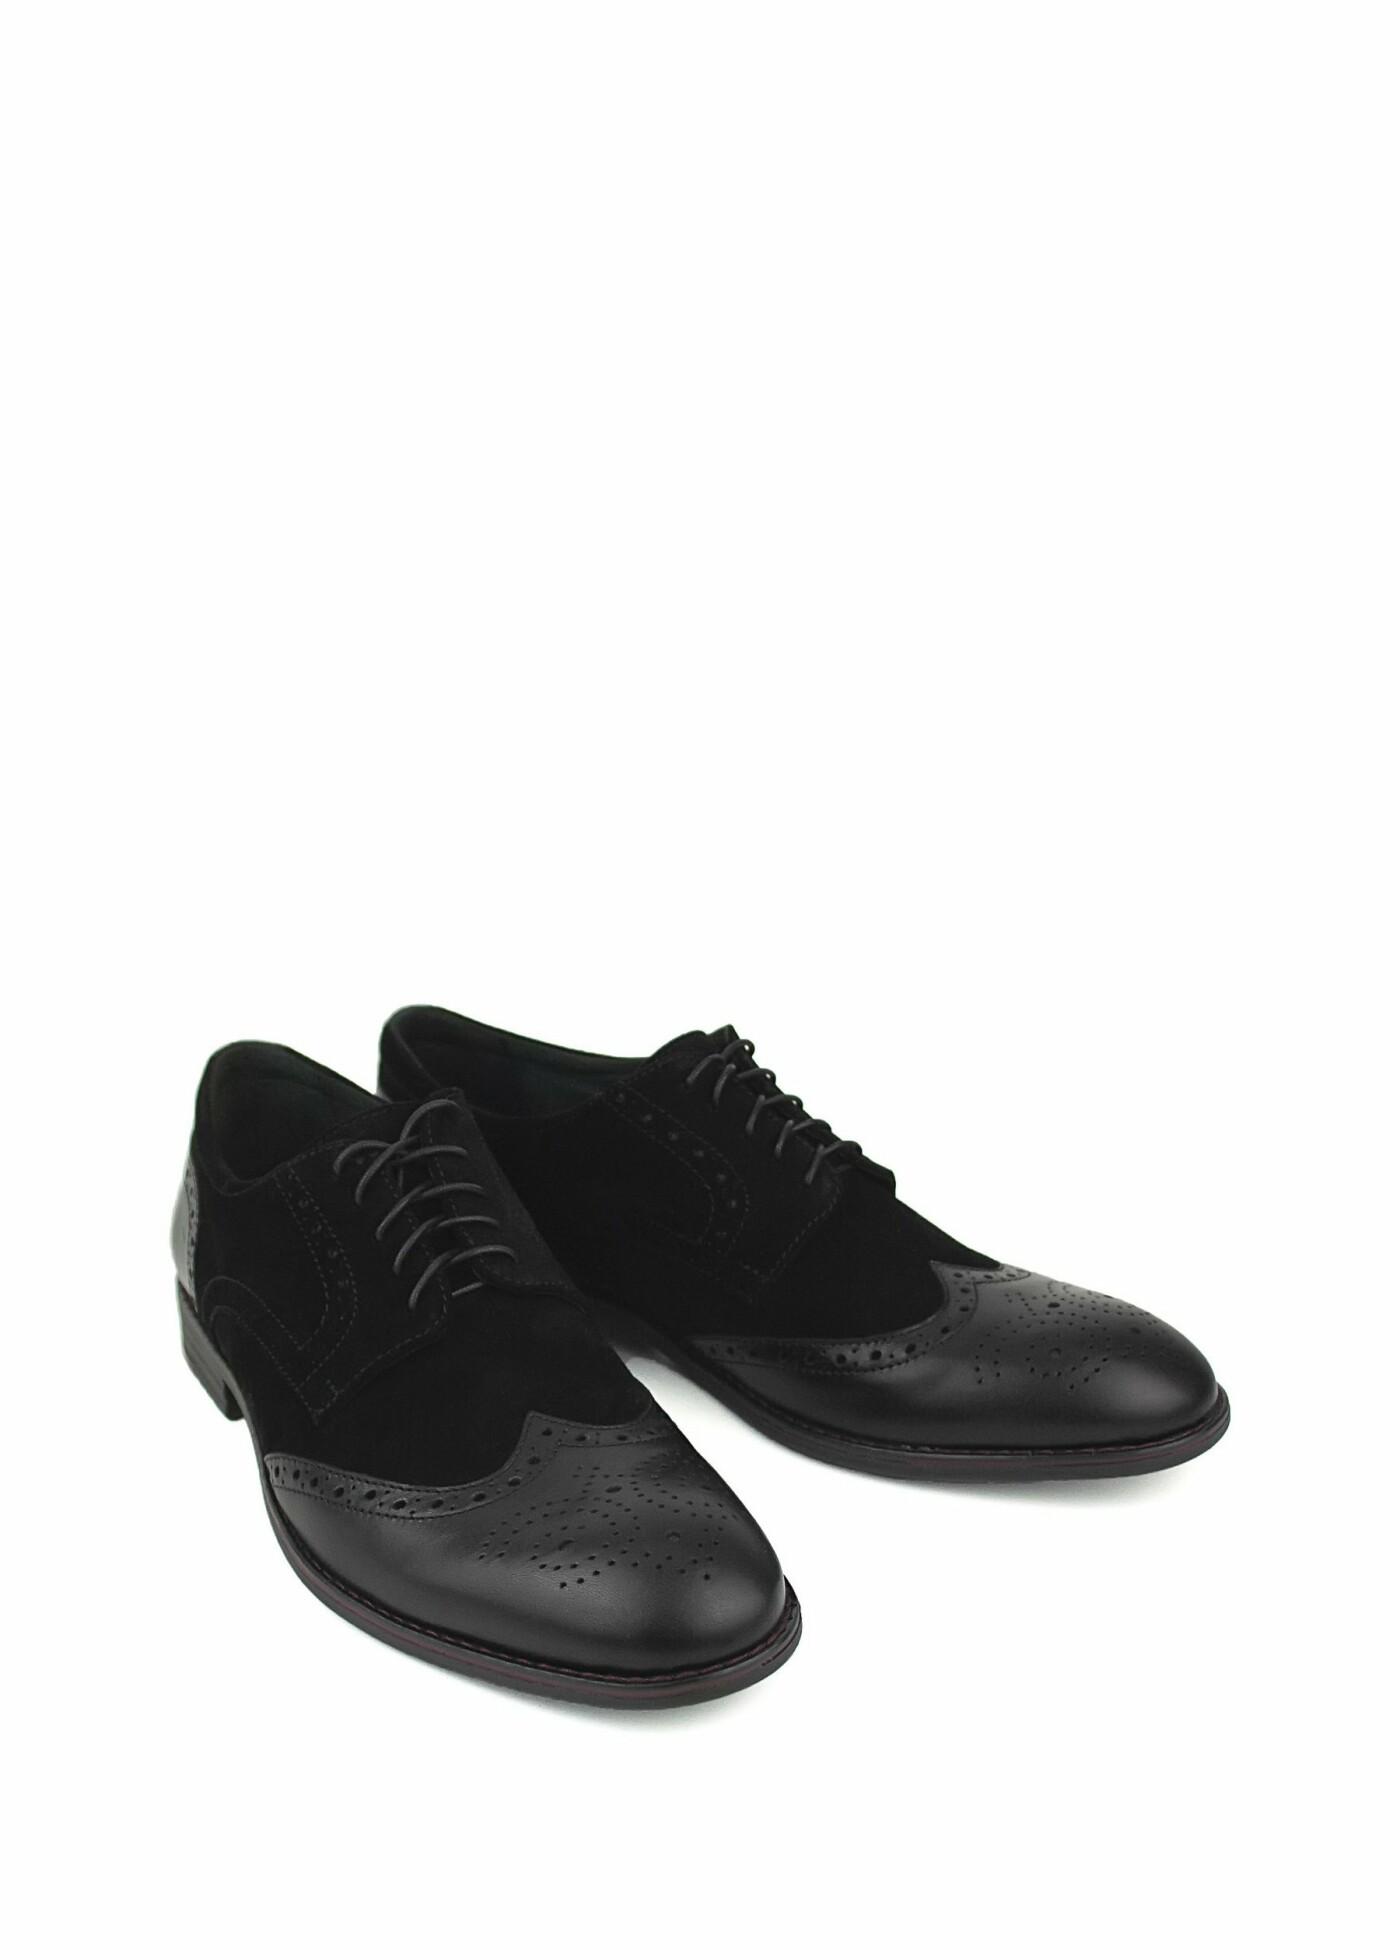 Майстер приїде до вас зробити заміри. Stefano впроваджує нові стандарти виготовлення взуття!, фото-7